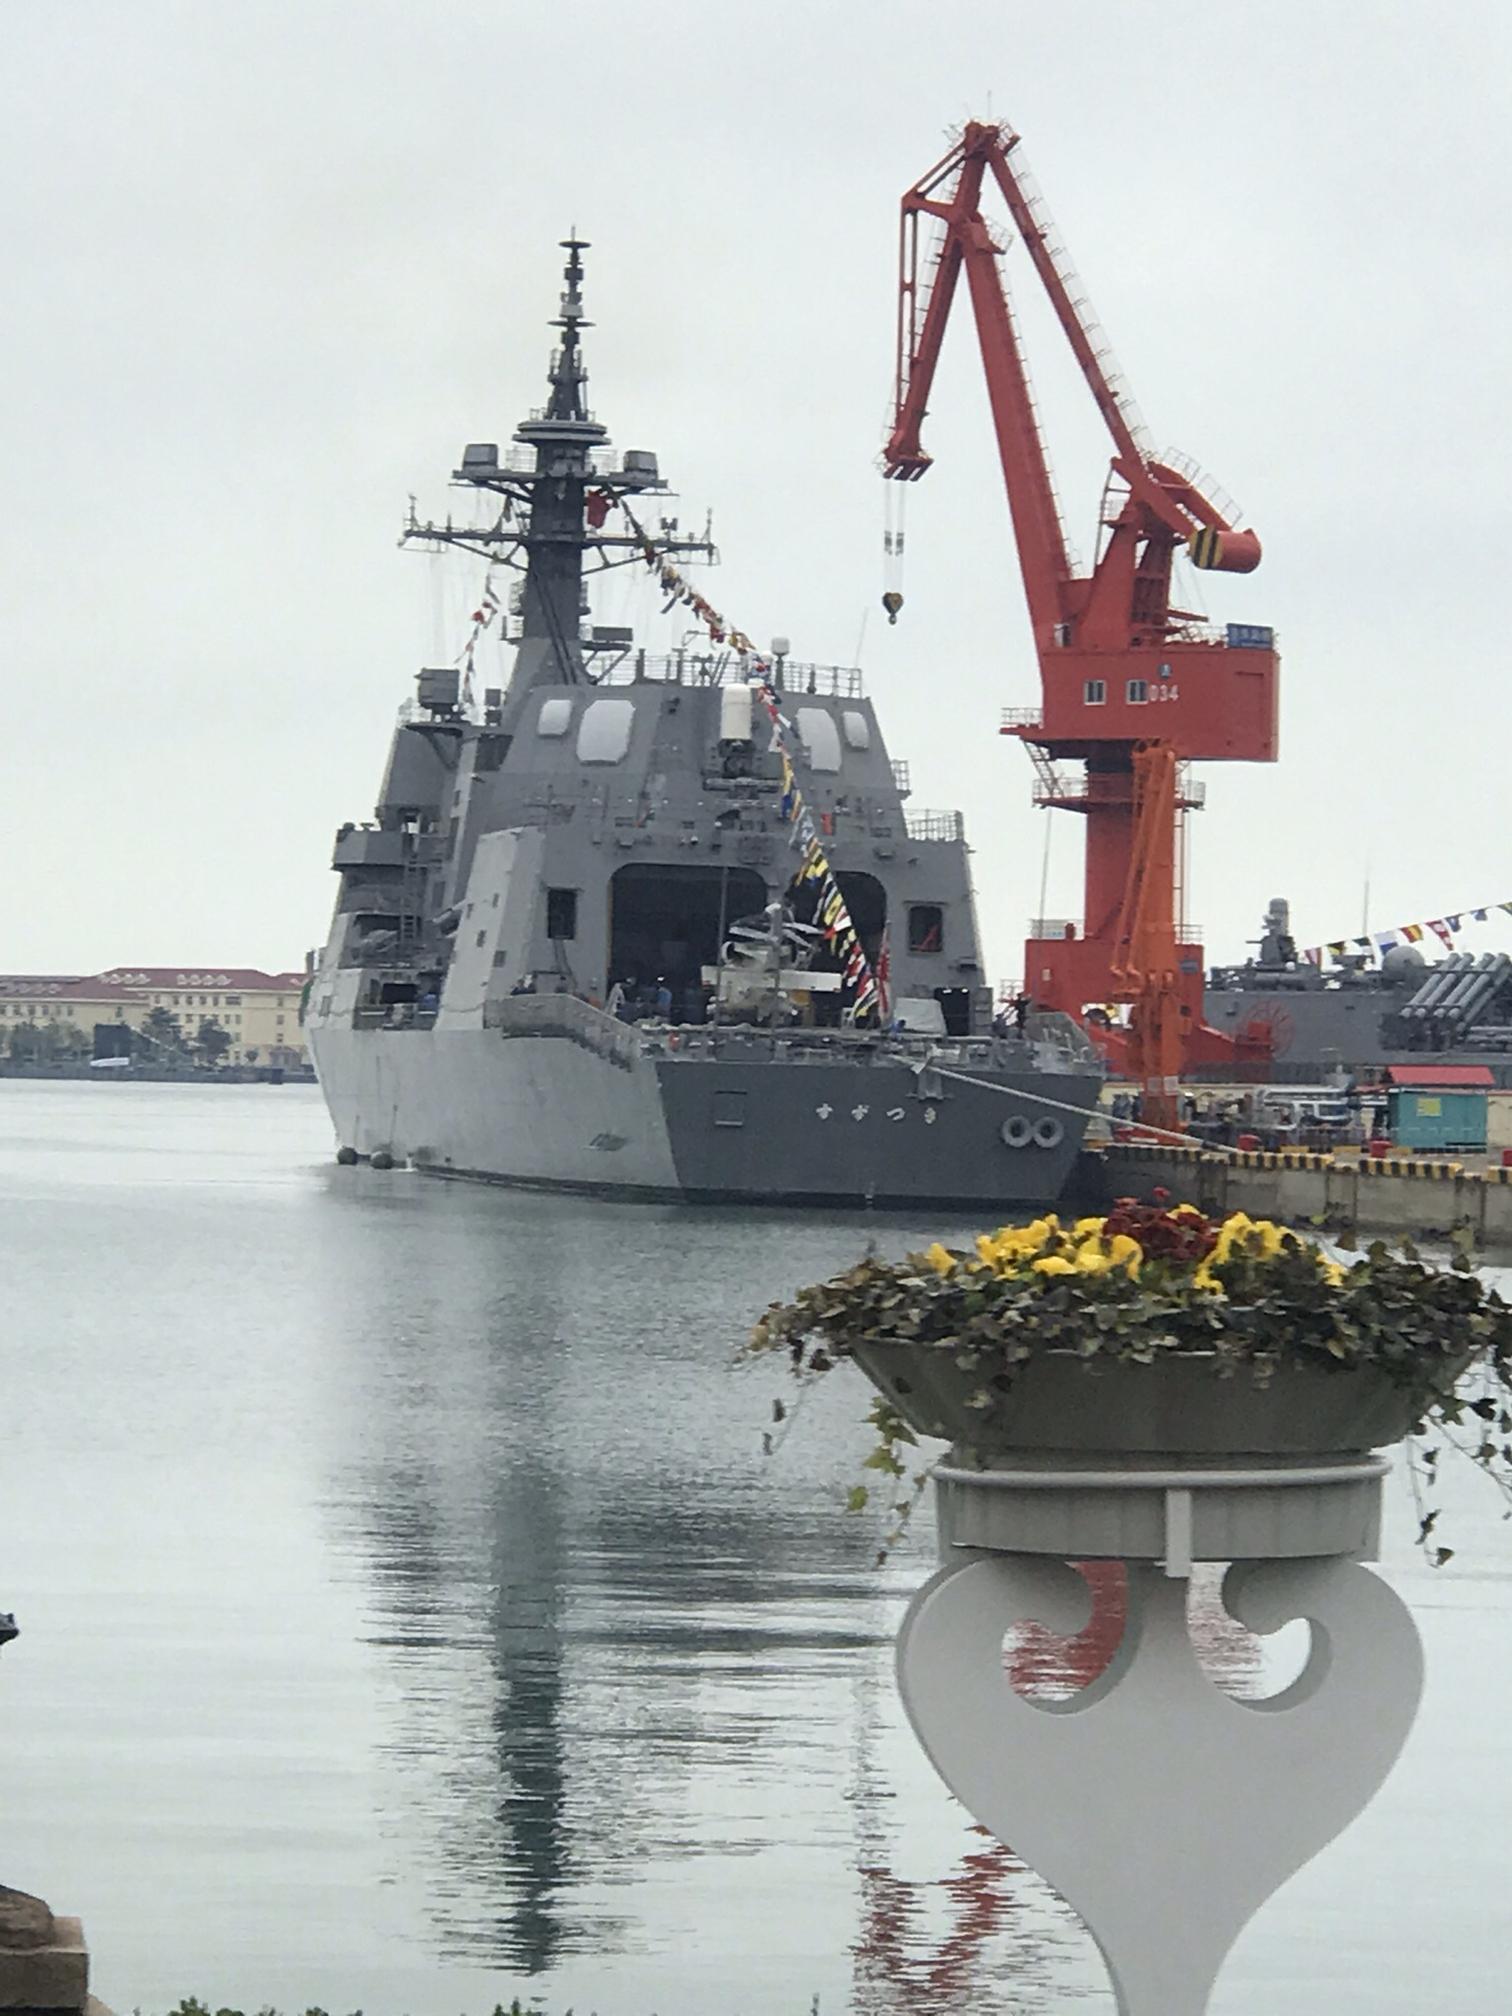 <b>近距离看看越南主力军舰的建造工艺和维护保养</b>